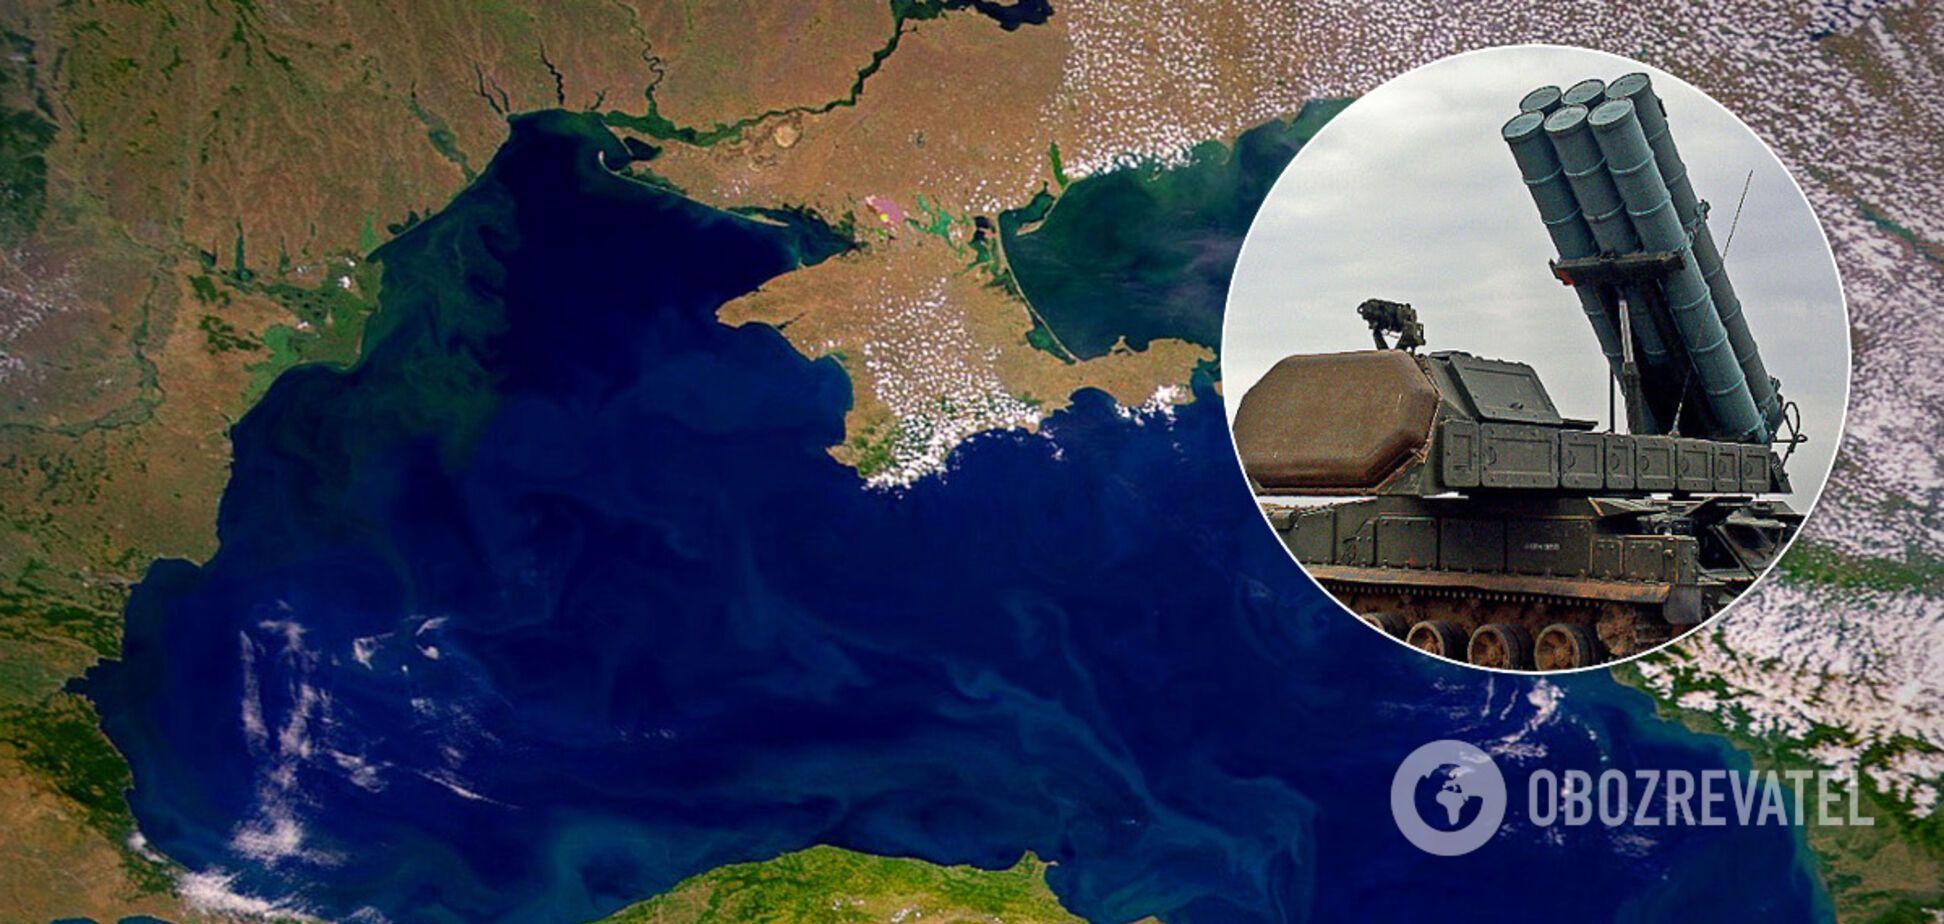 Російські 'Буки' не захистять Чорне море: Жданов спростував фейк РосЗМІ